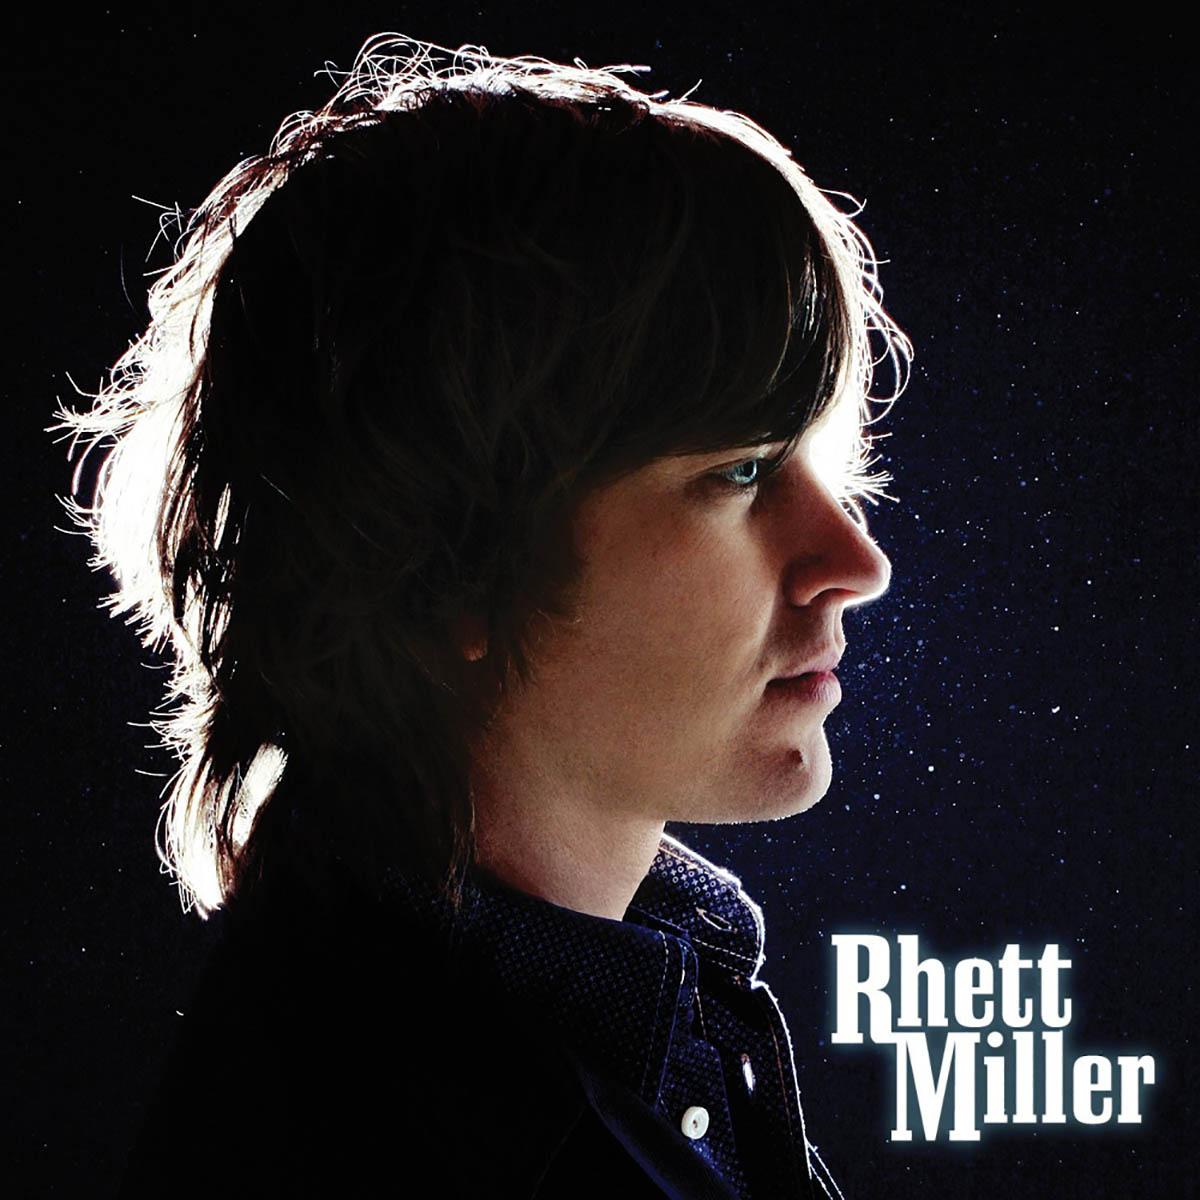 Rhett Miller, Rhett Miller